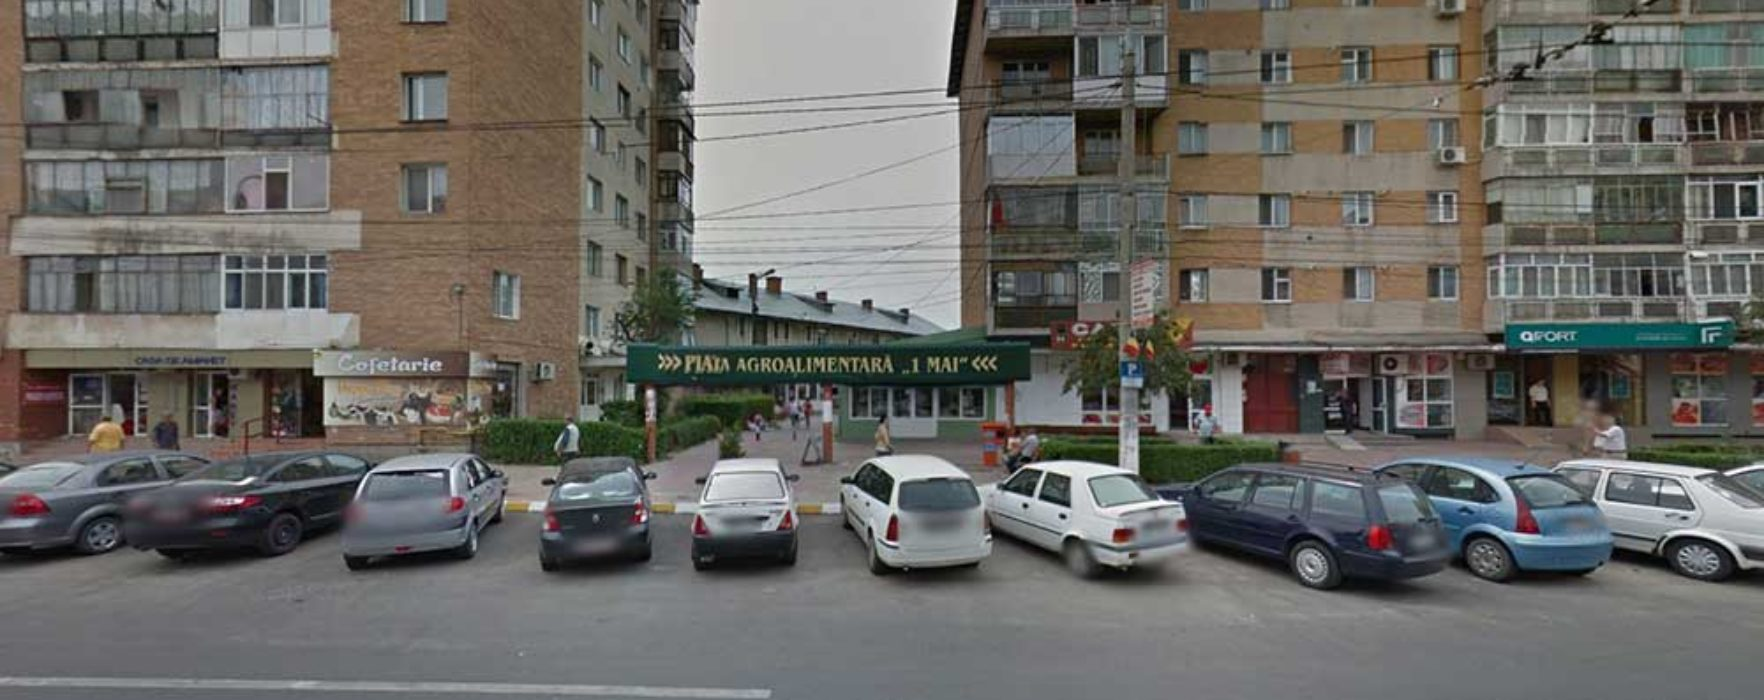 Târgovişte: Piaţa 1 Mai va fi închisă luni, 1 mai, pentru curăţenie generală